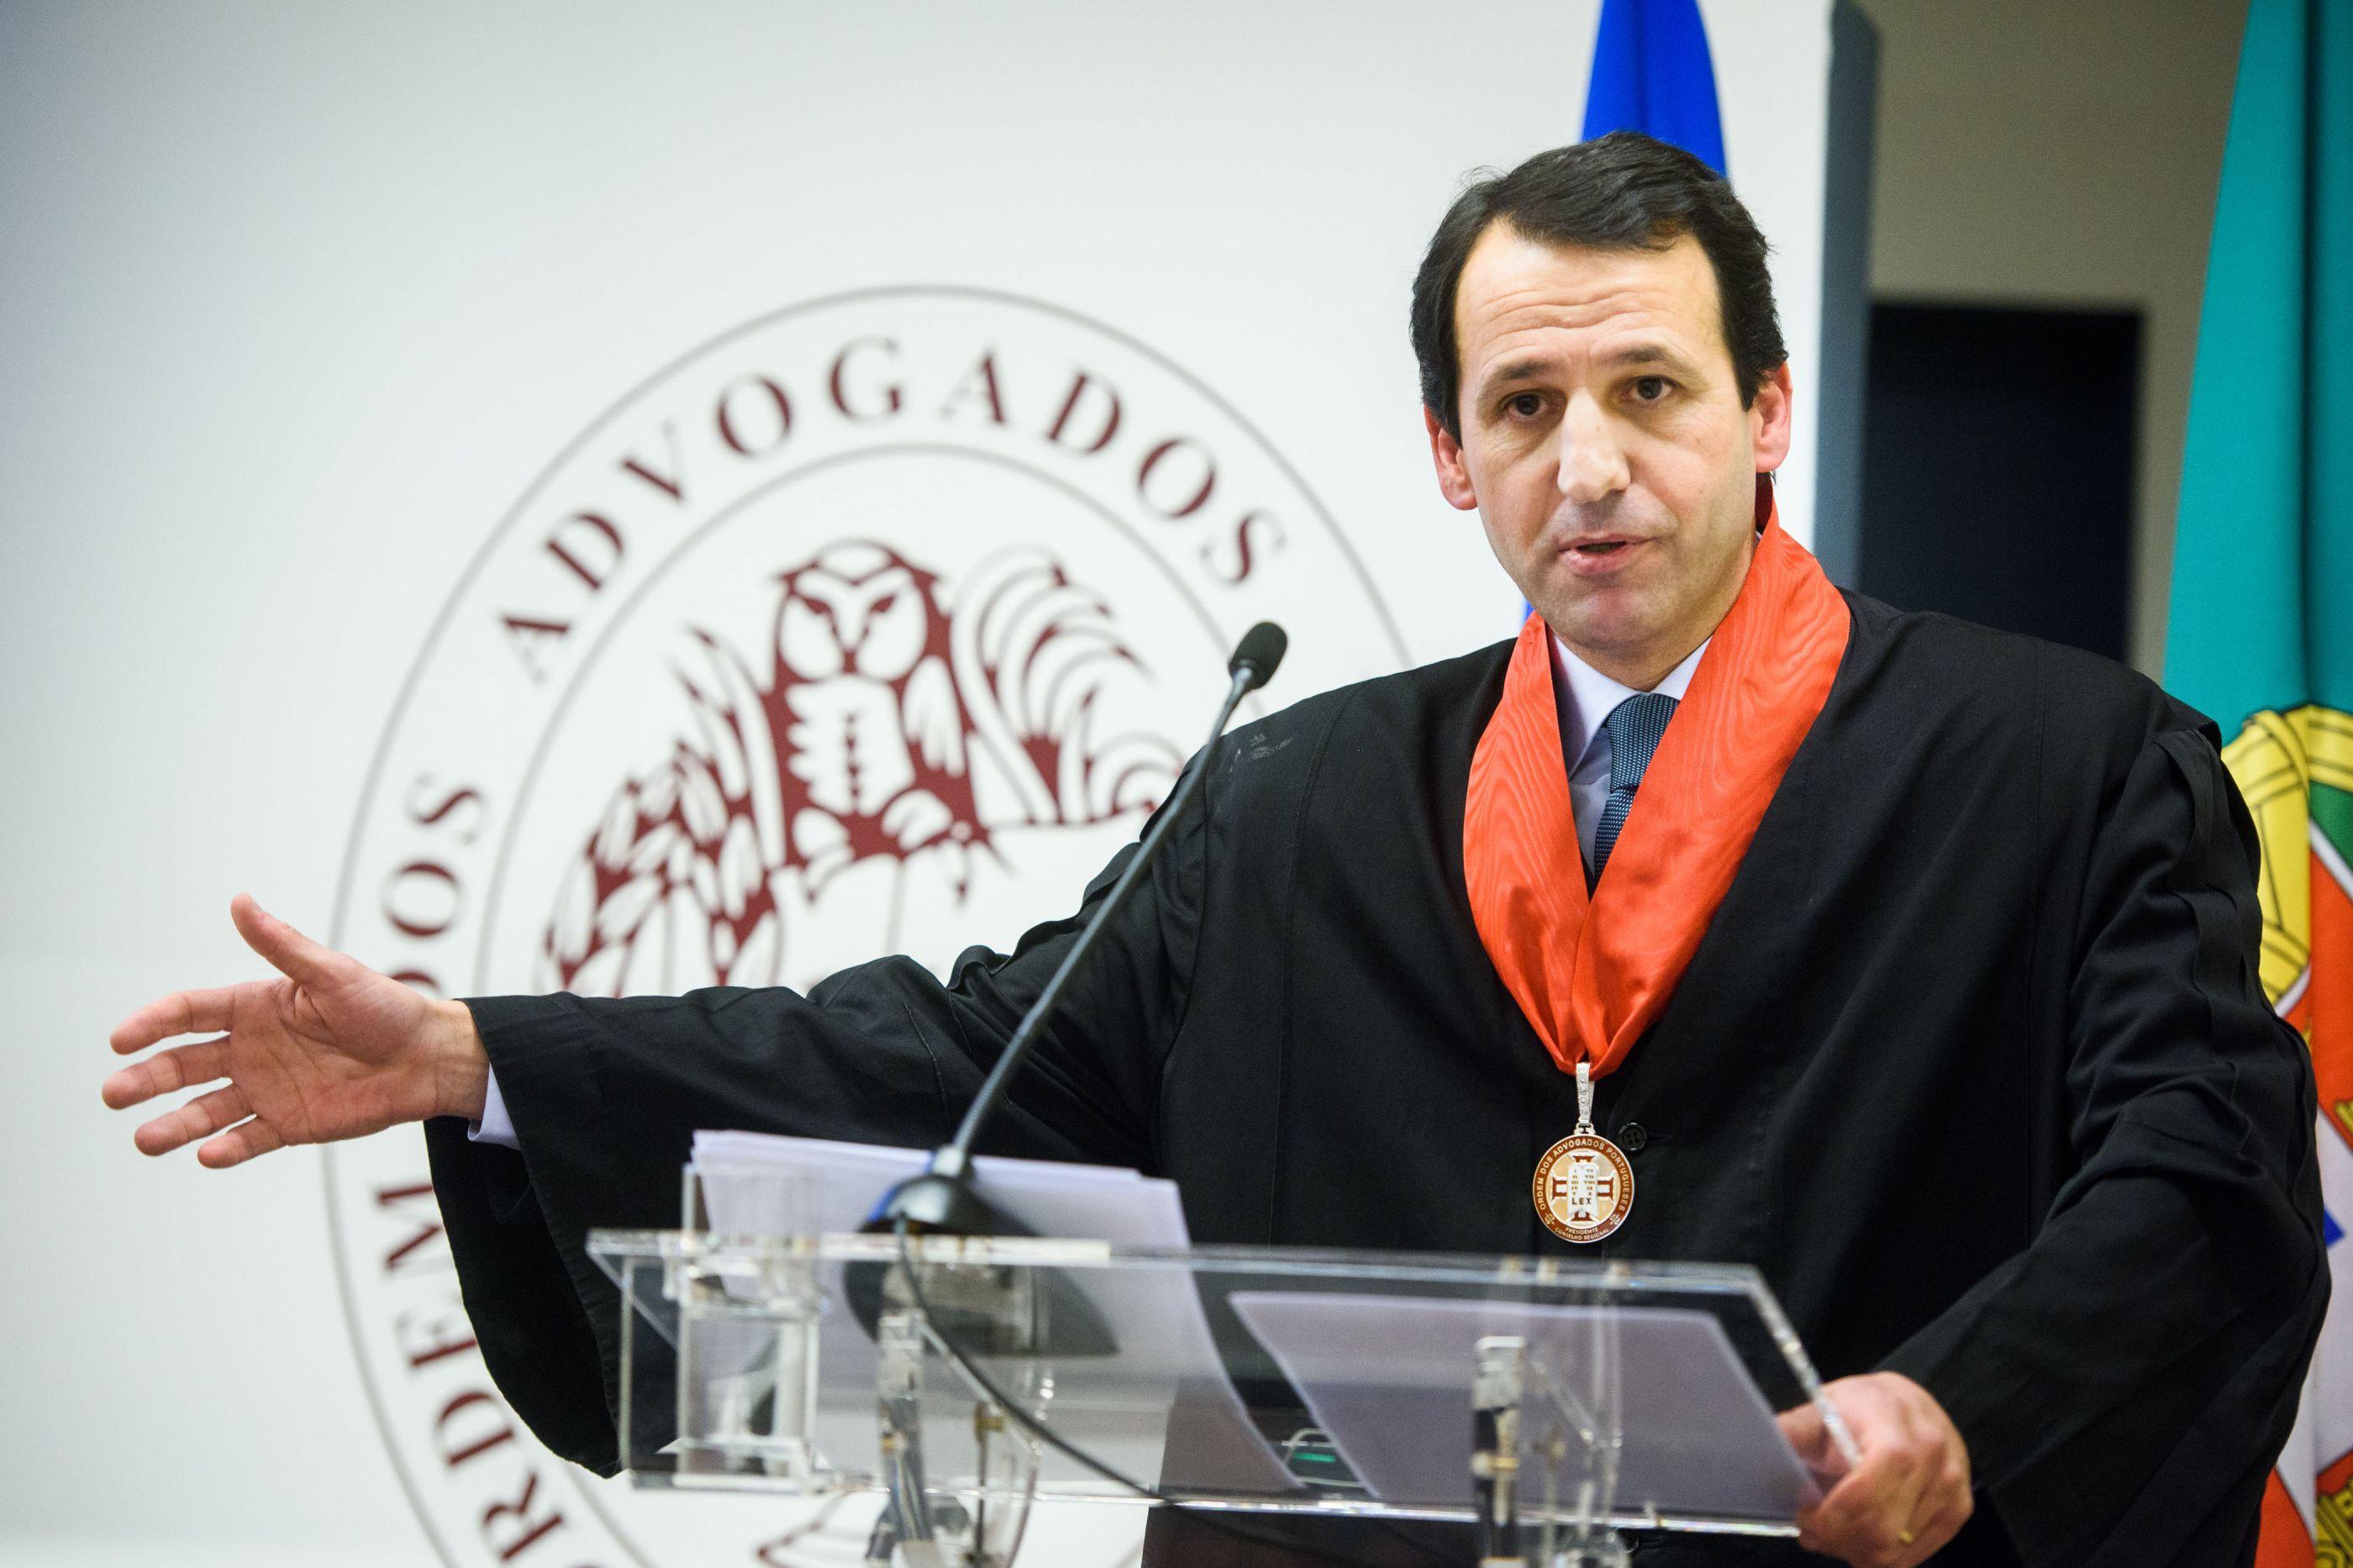 'Estado de Direito, Sistema de Justiça e Processo Penal' em debate